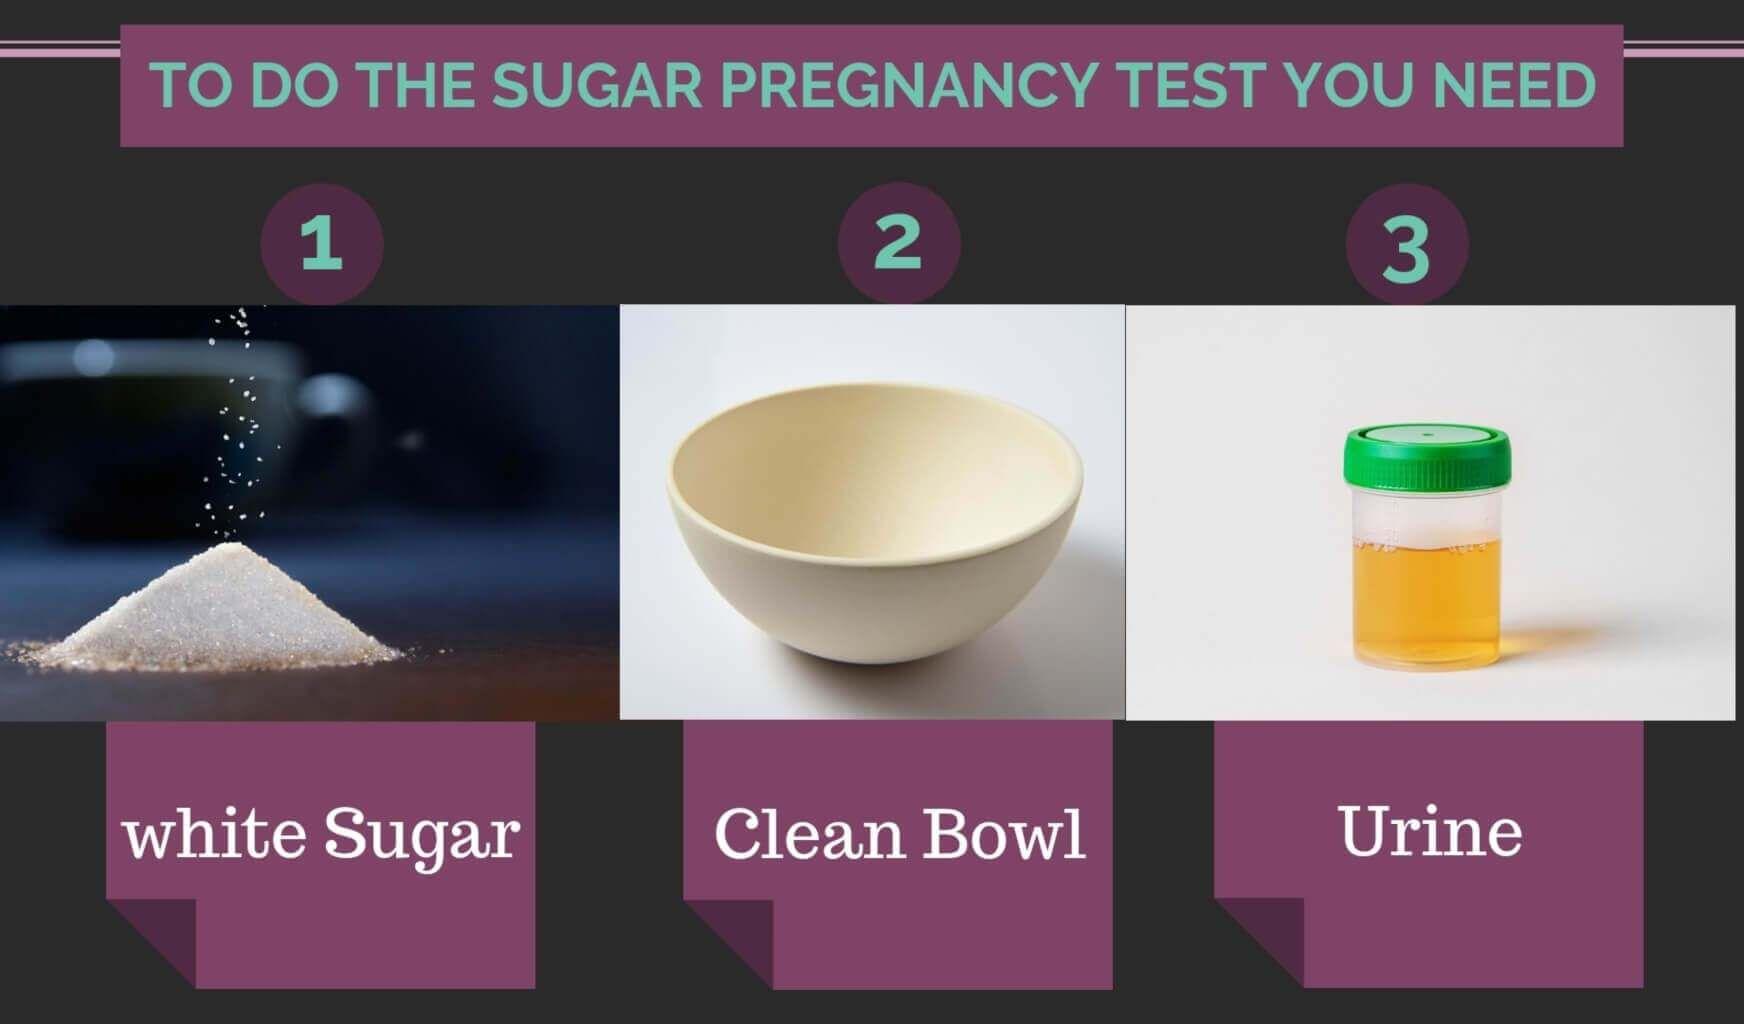 diy pregnancy test sugar